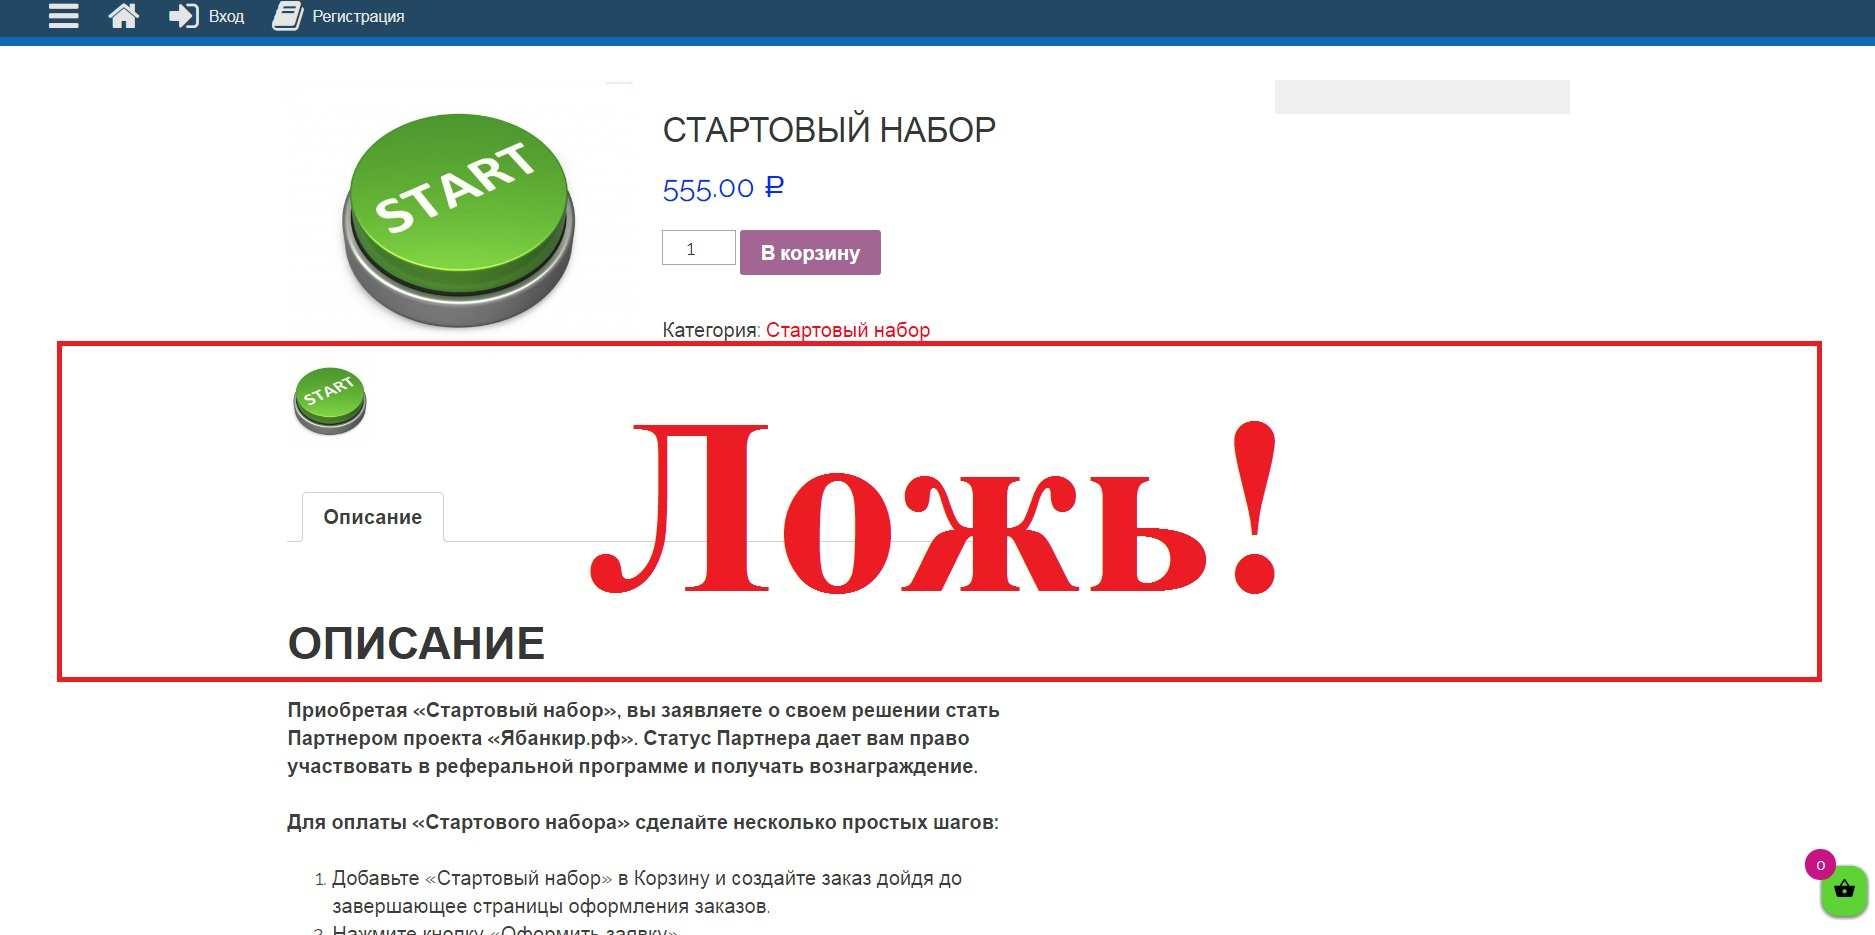 Ябанкир.рф – отзывы о платформе